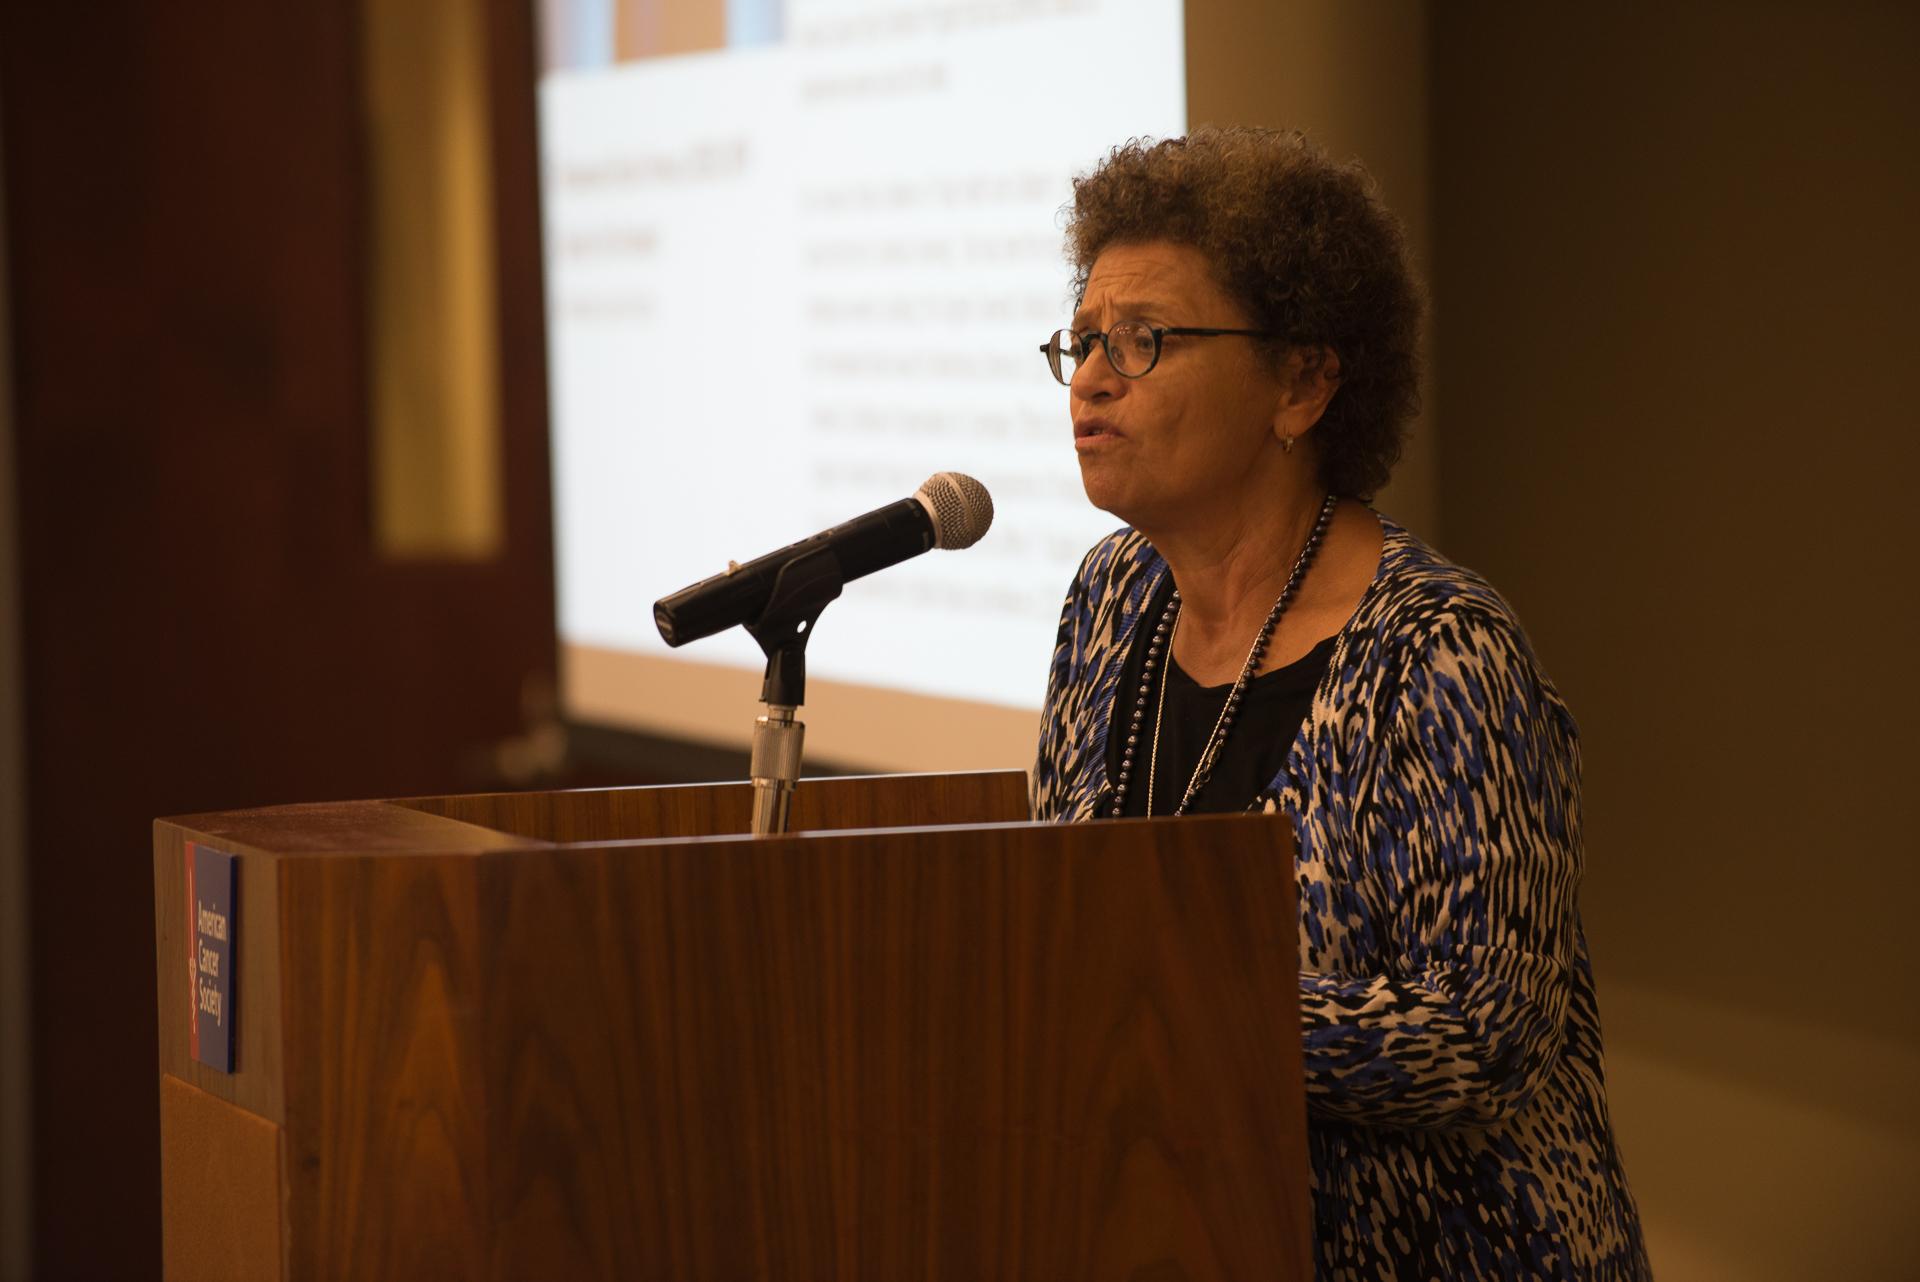 TFGCI Annual Grantee Meeting - Atlanta - Rosie Speaking